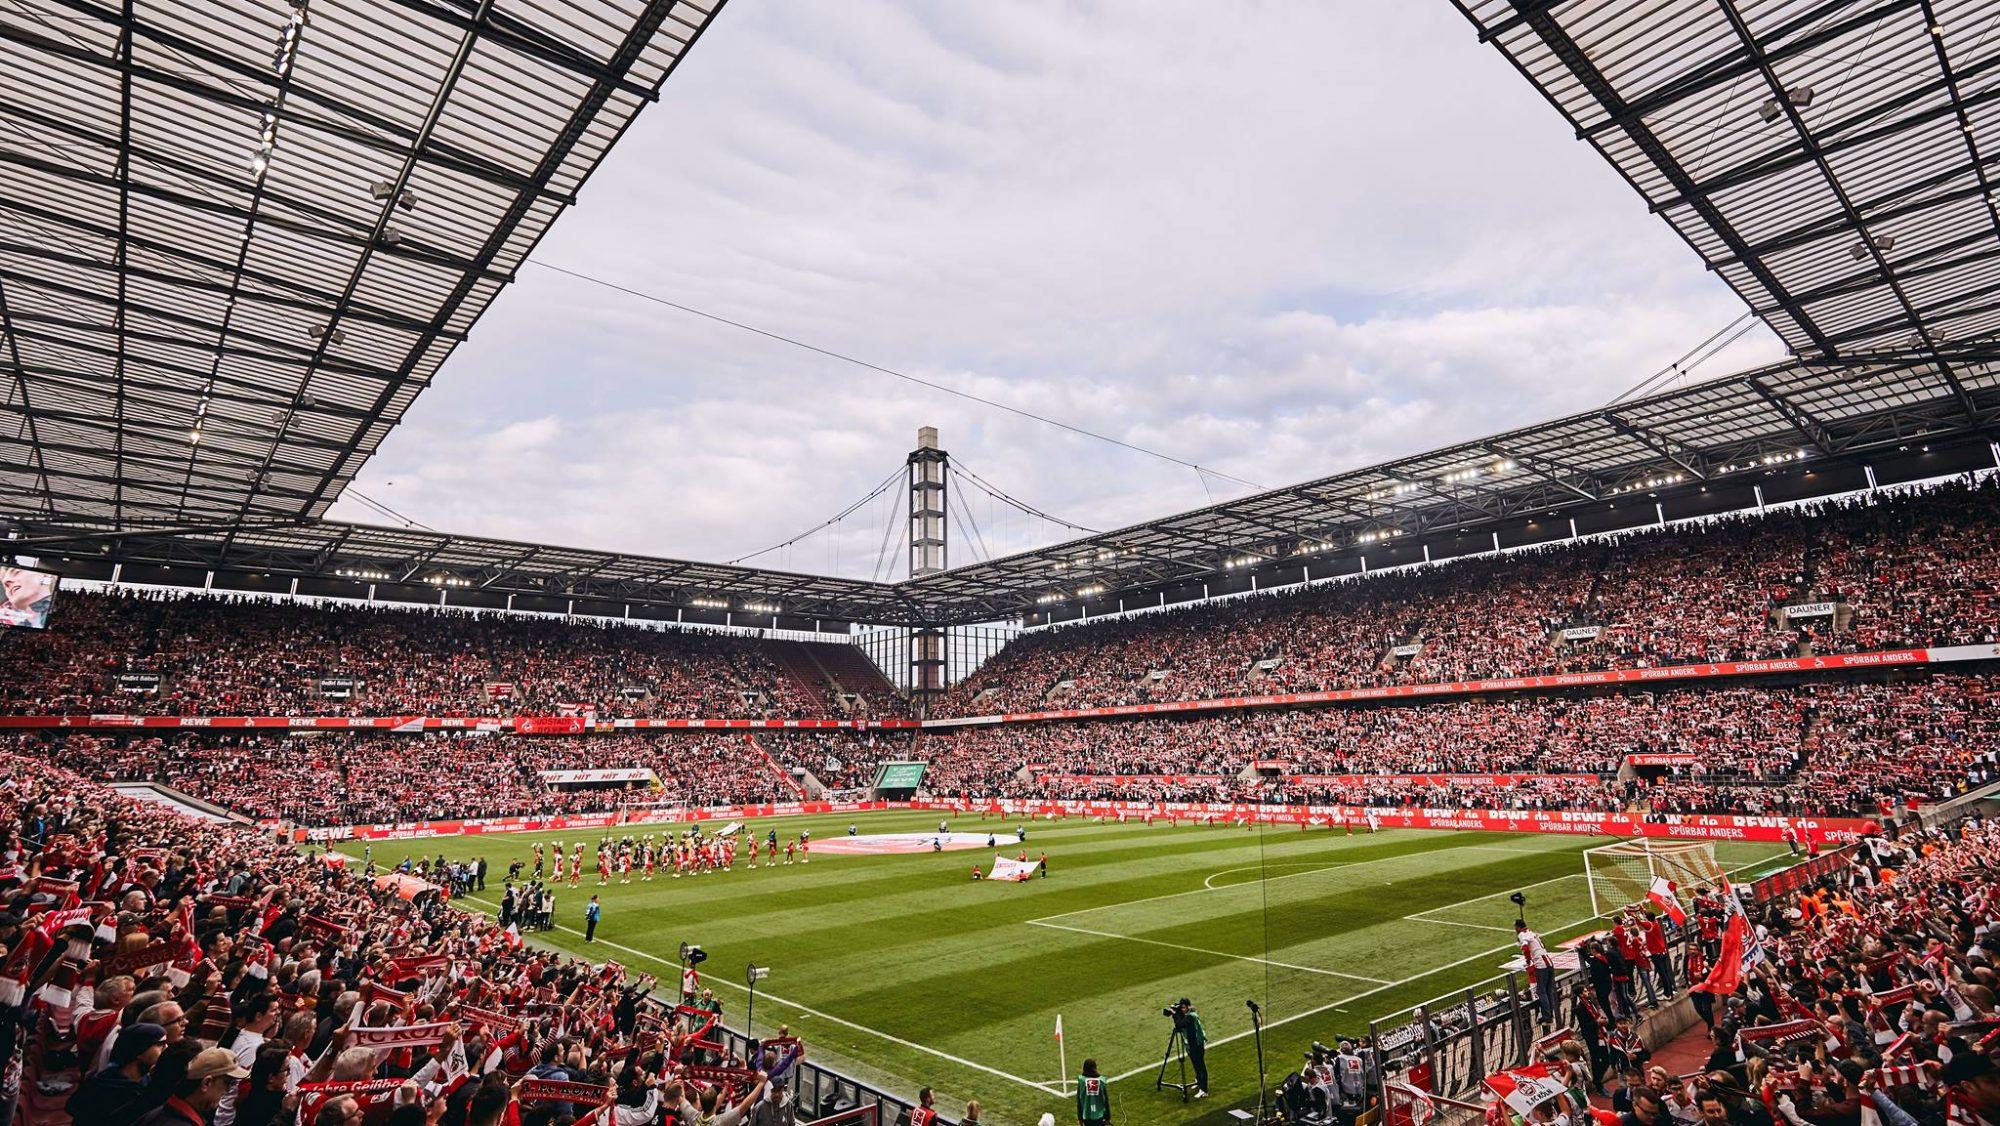 Menschen in RheinEnergie Stadion